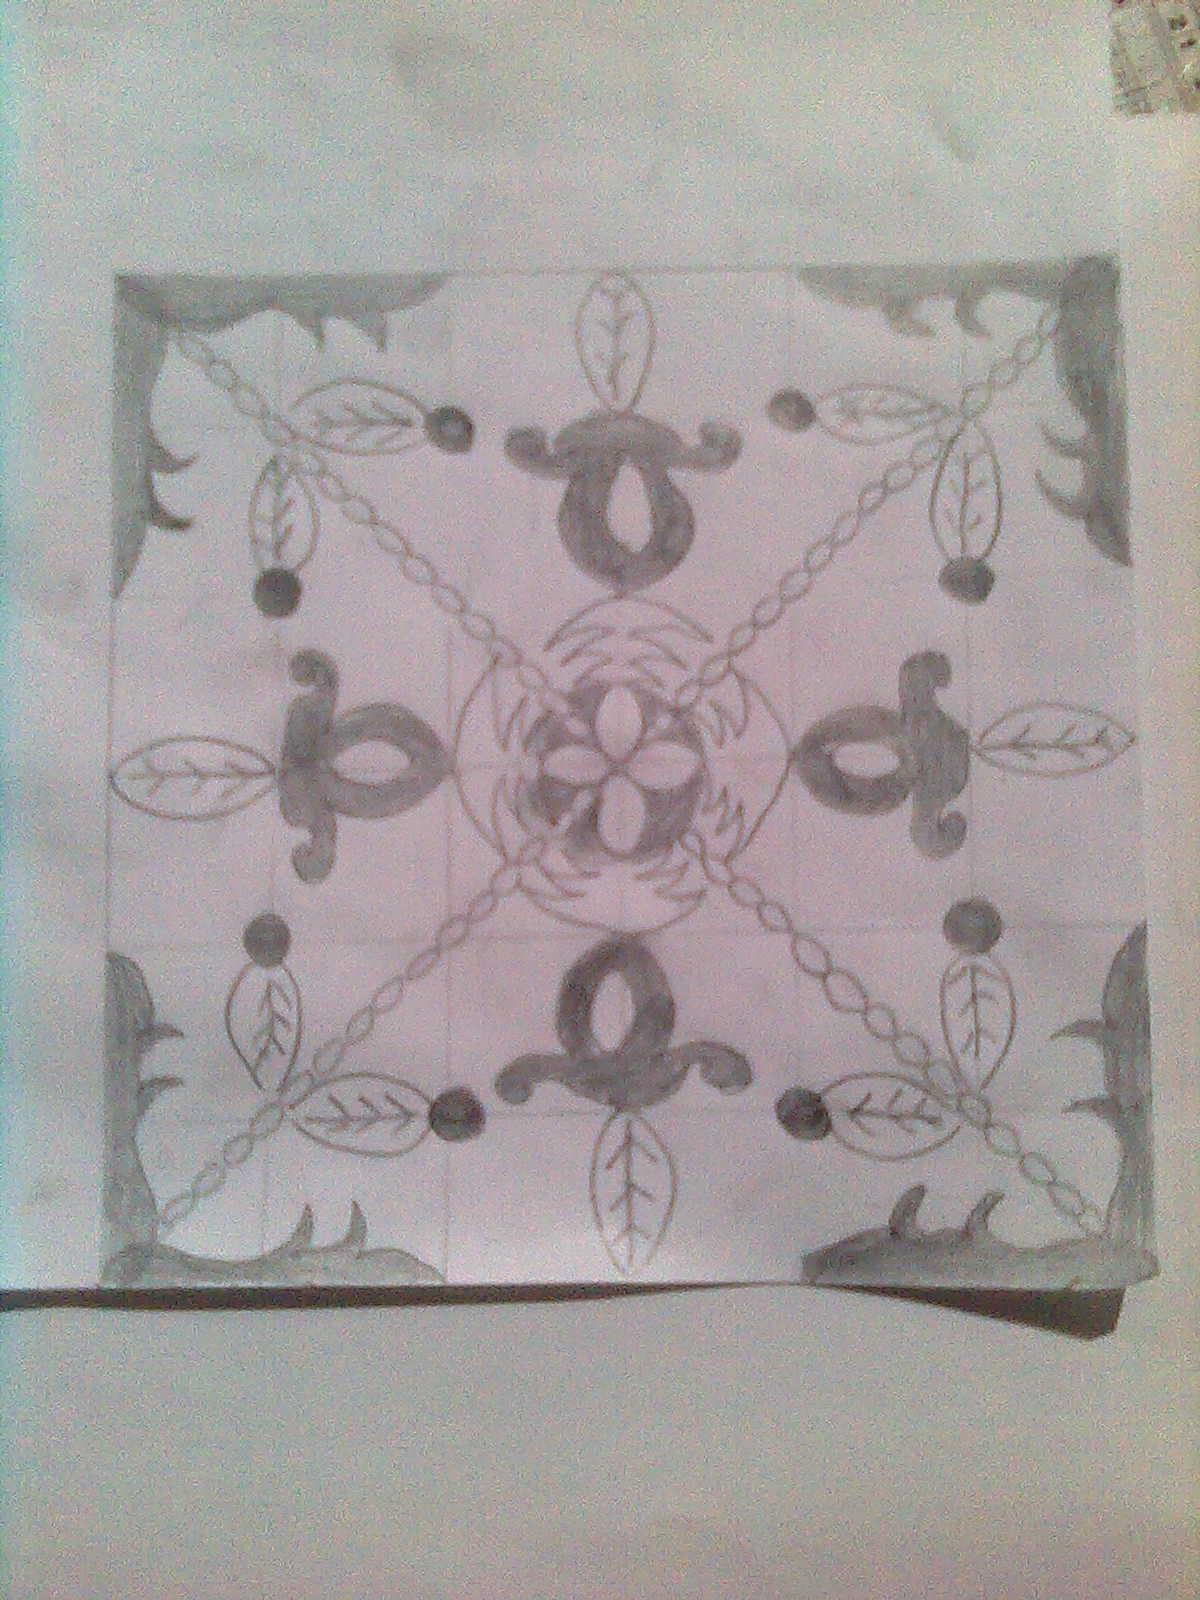 bahan kertas hvs pensil 2b cara buat polanya dan gambarlah